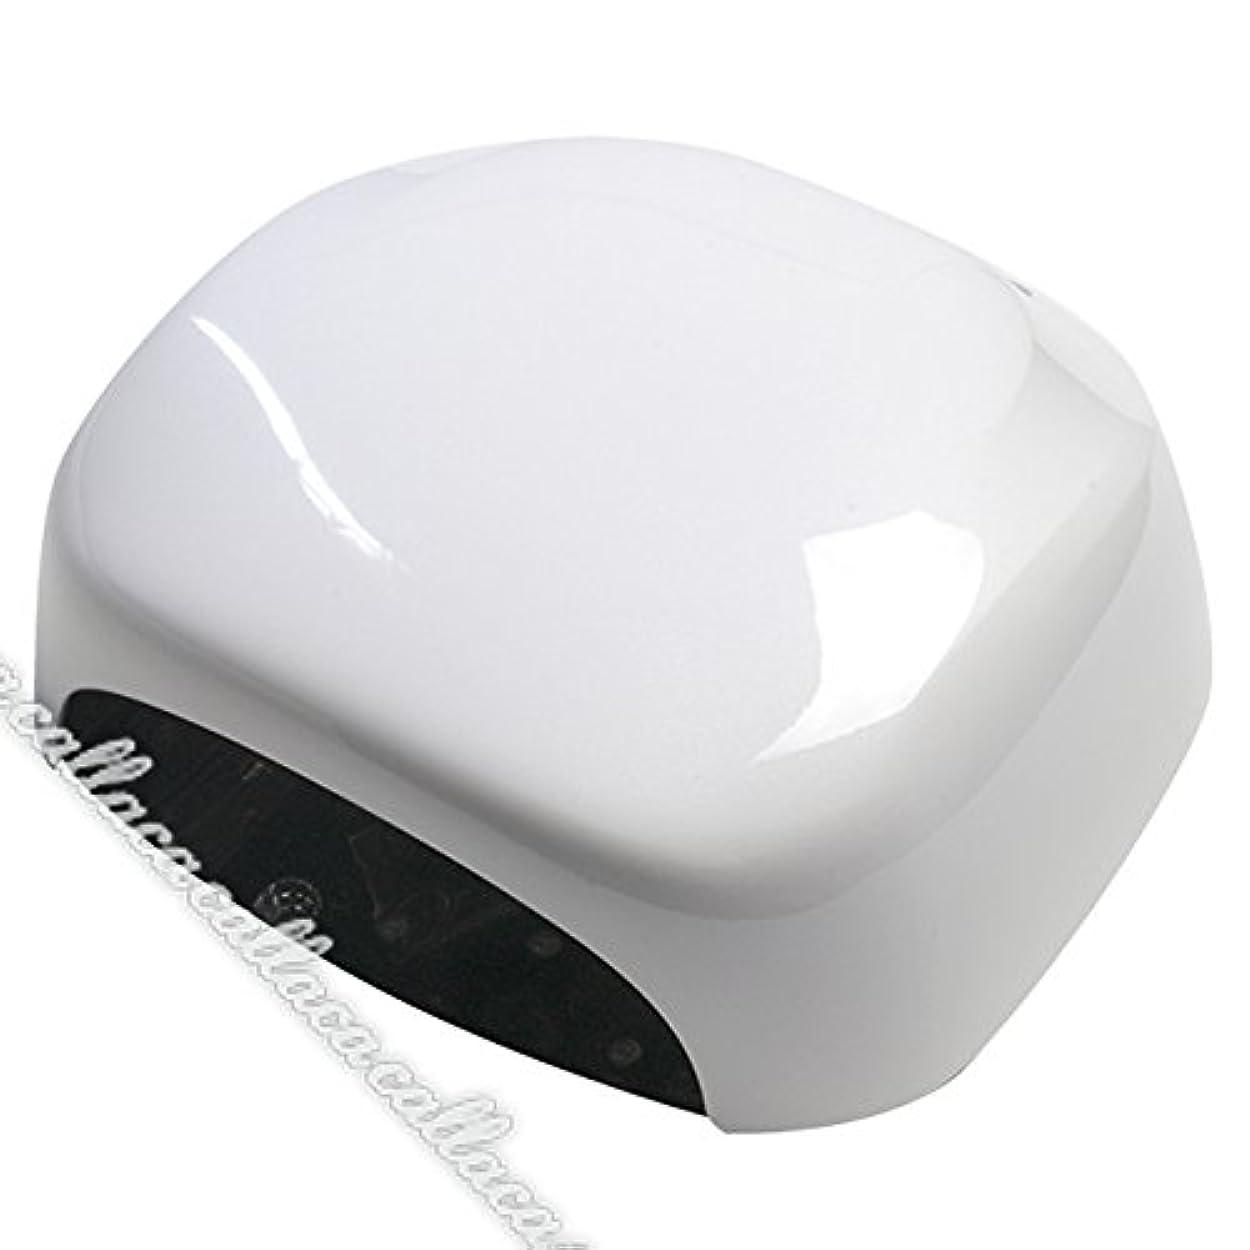 思春期のショットお香SHAREYDVA ハイブリッド LEDライト 36W 89458